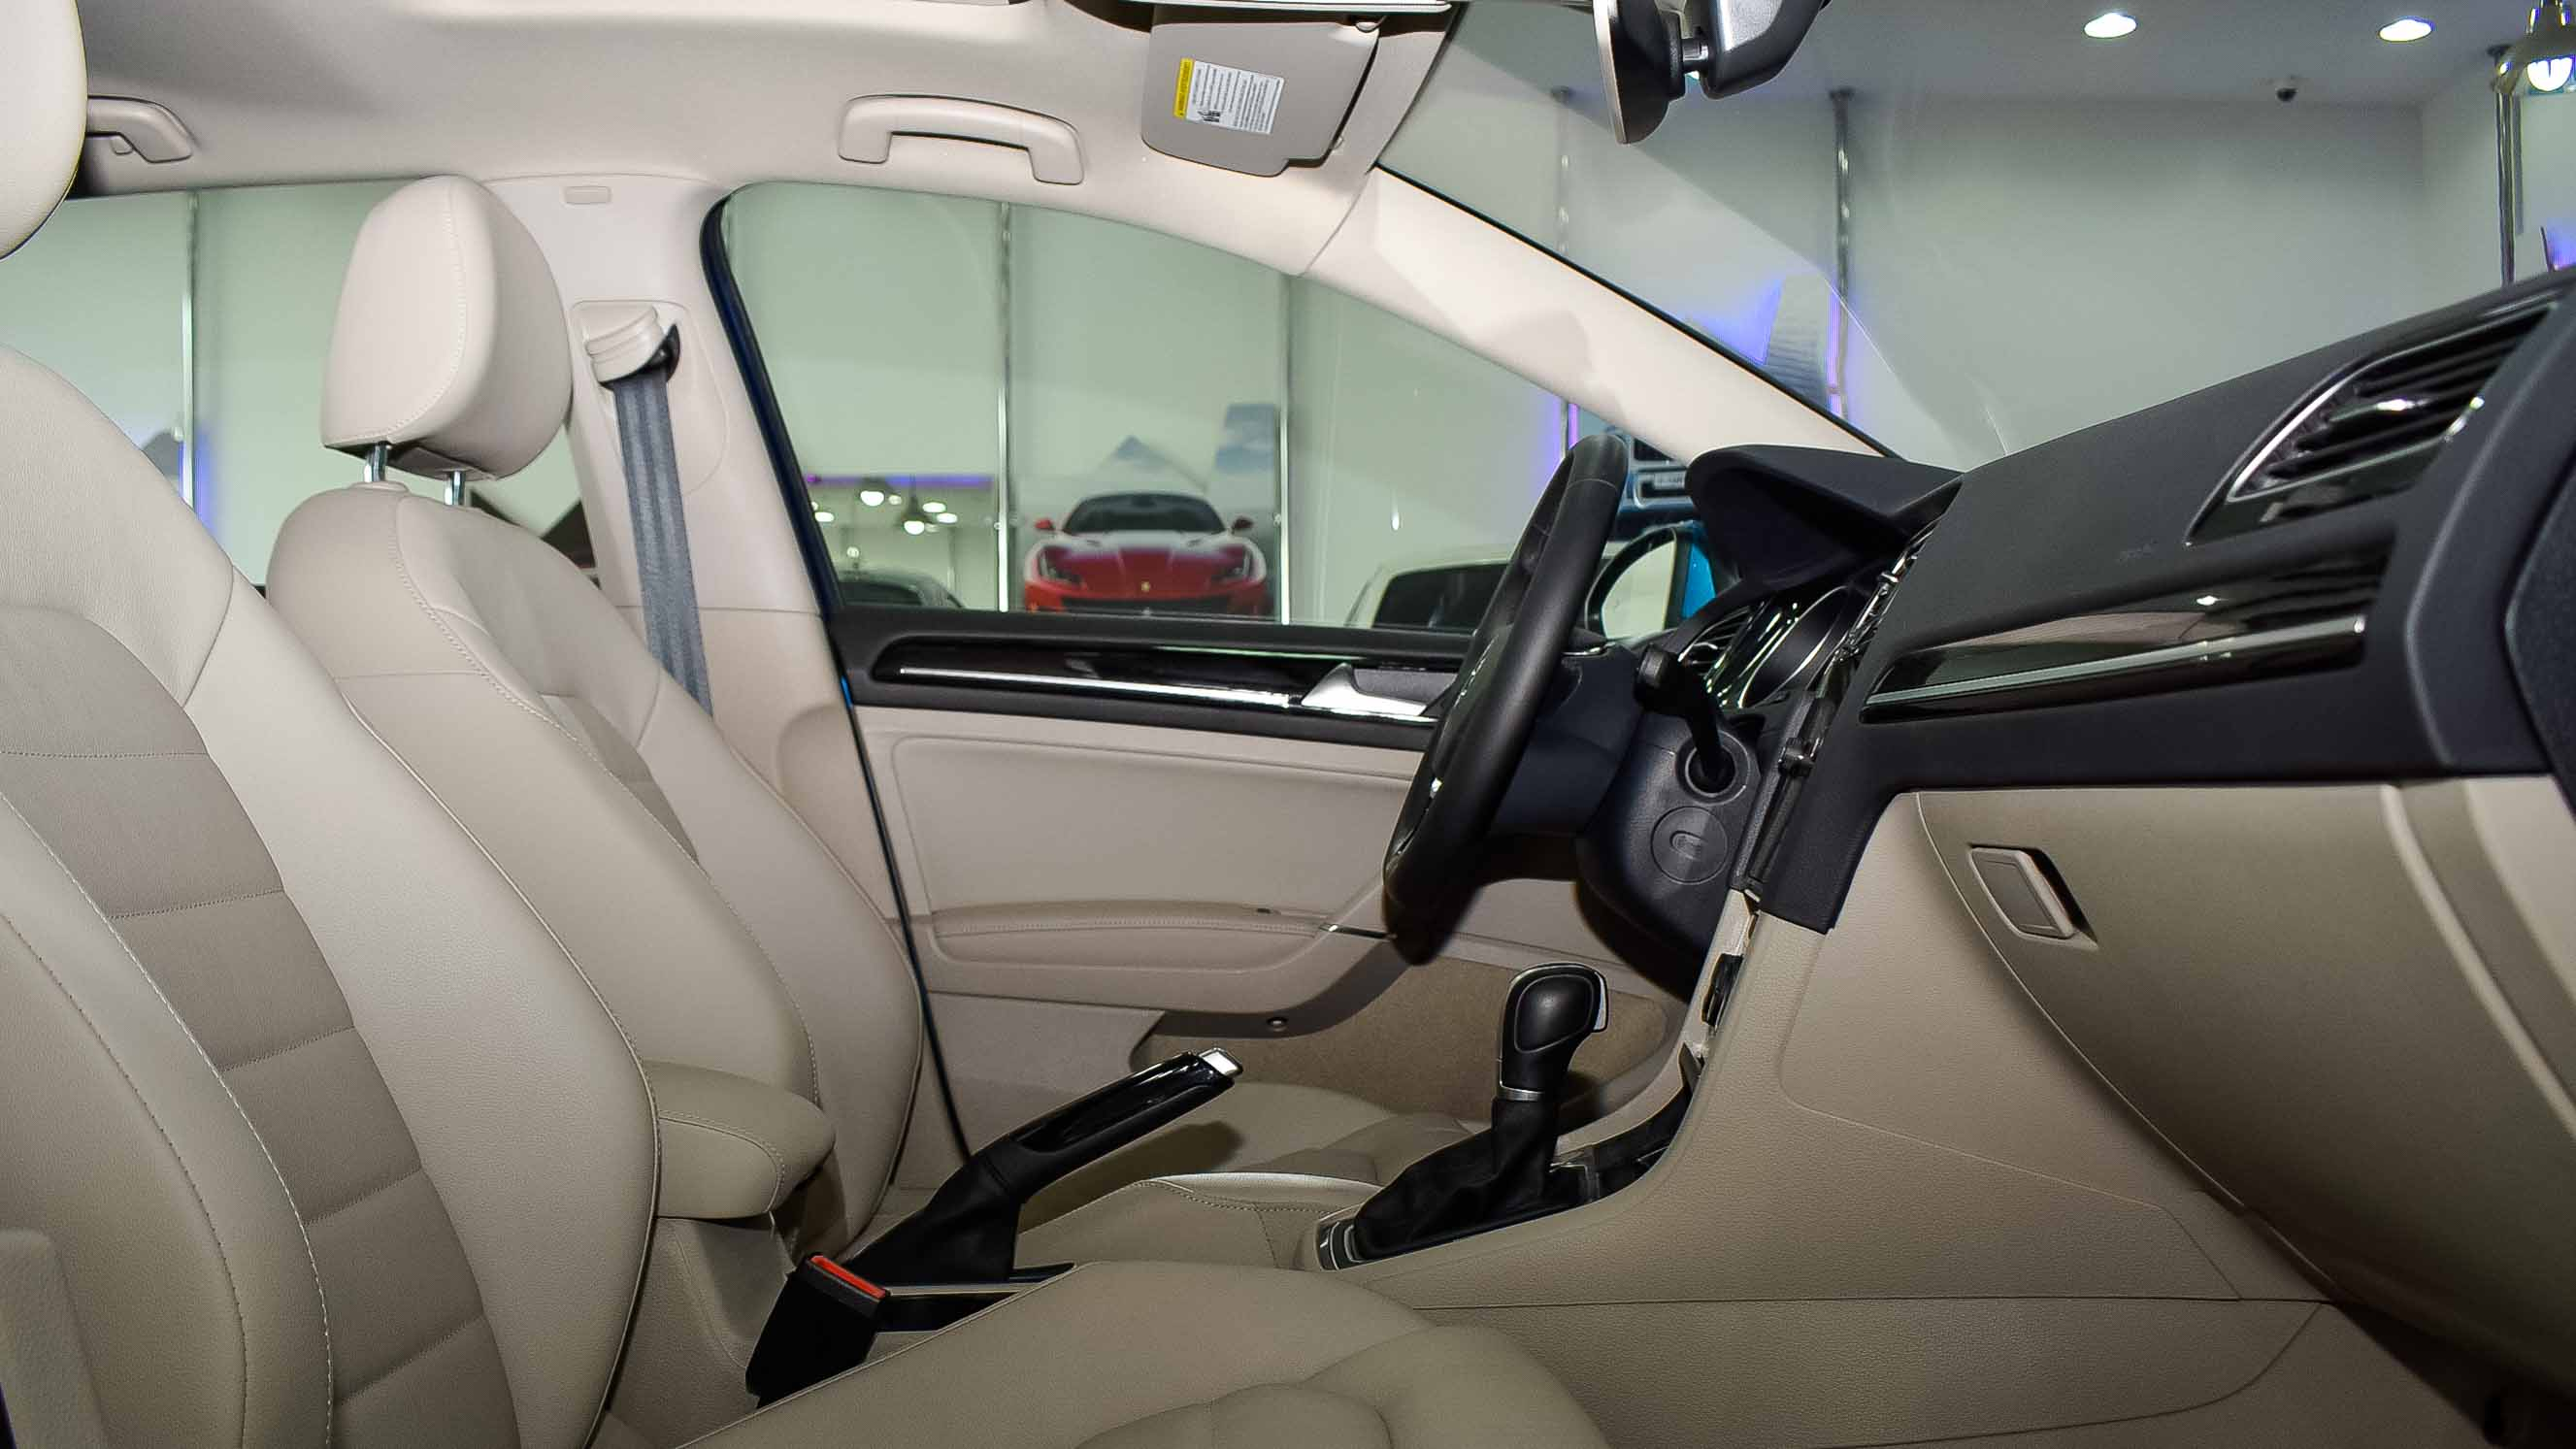 2019-Volkswagen-Golf-1.4-Blue-Beige-Canadian-Specifications-07.jpg